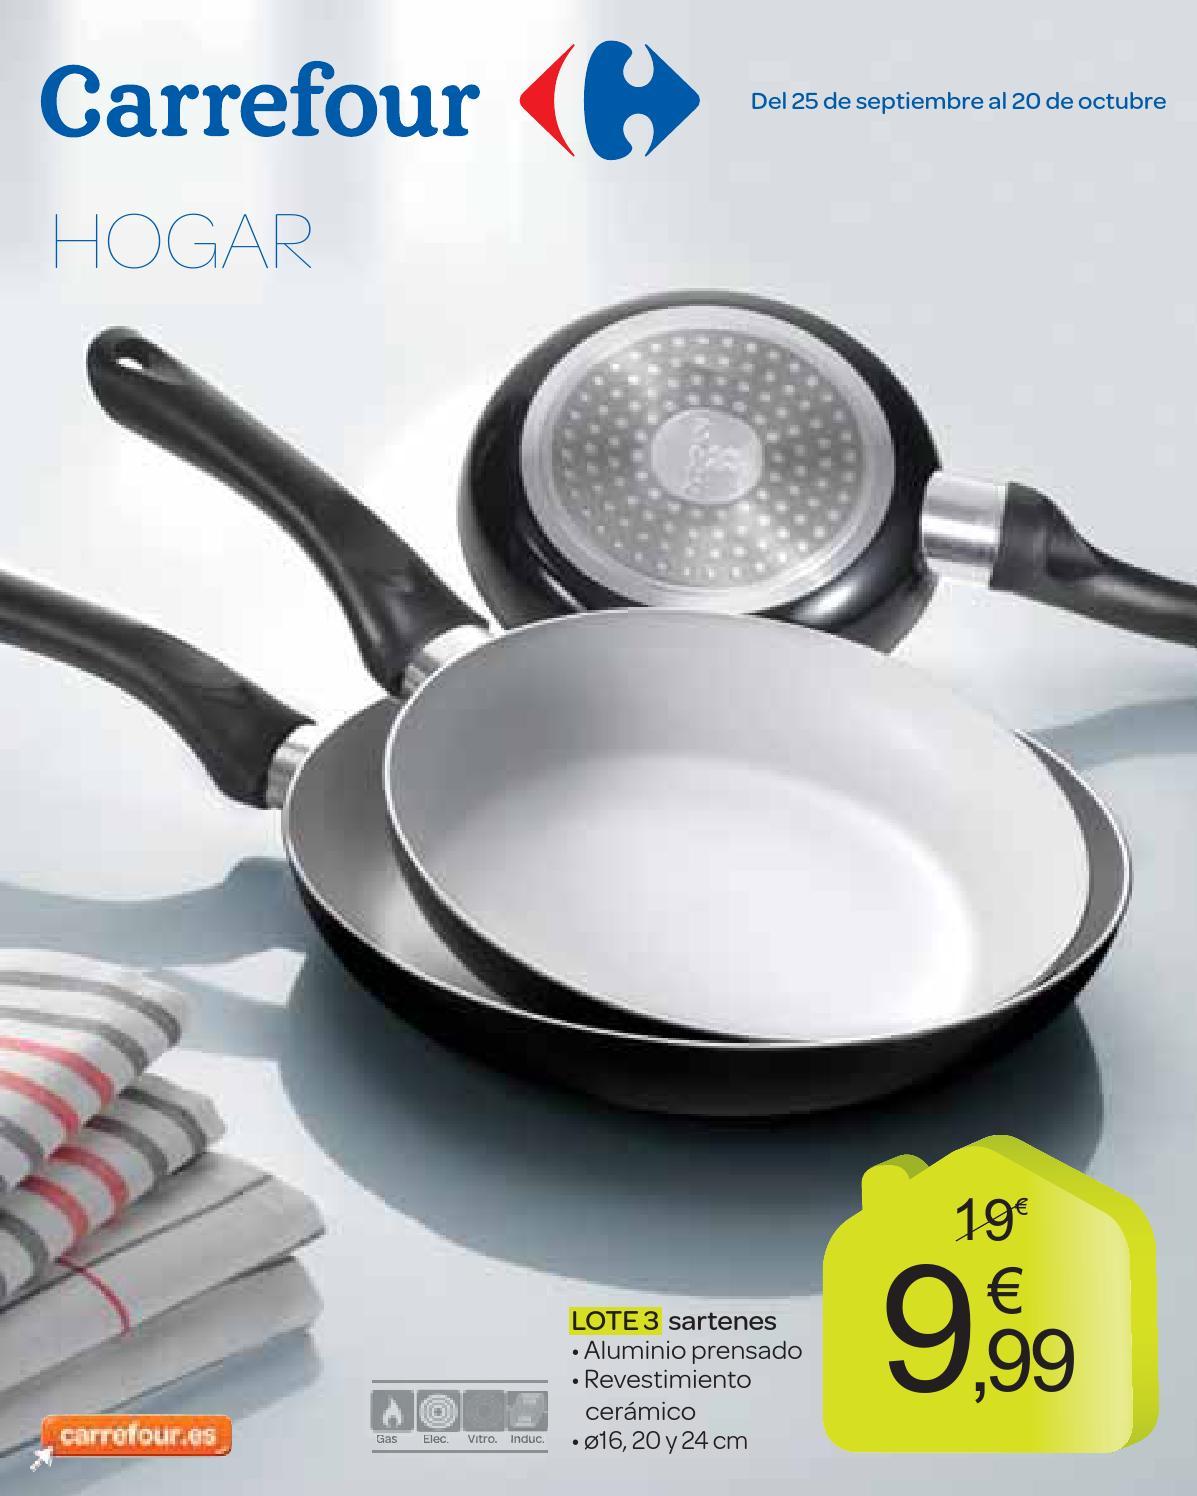 Catalogo carrefour moda hogar octubre by carrefour online for Cocina de gas carrefour